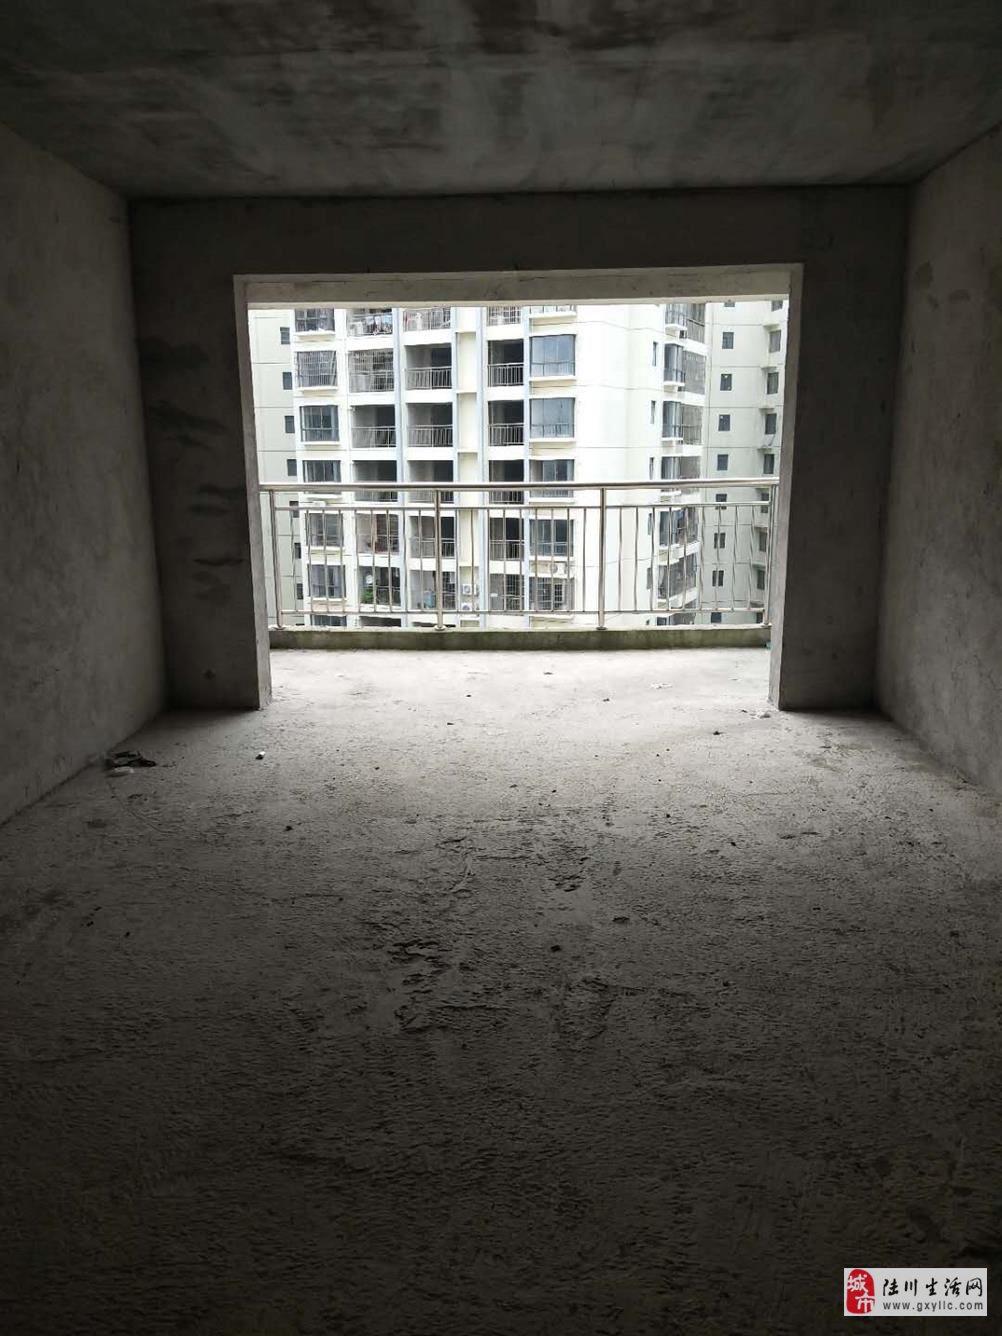 鸣大小区4室2厅2卫53.96万元